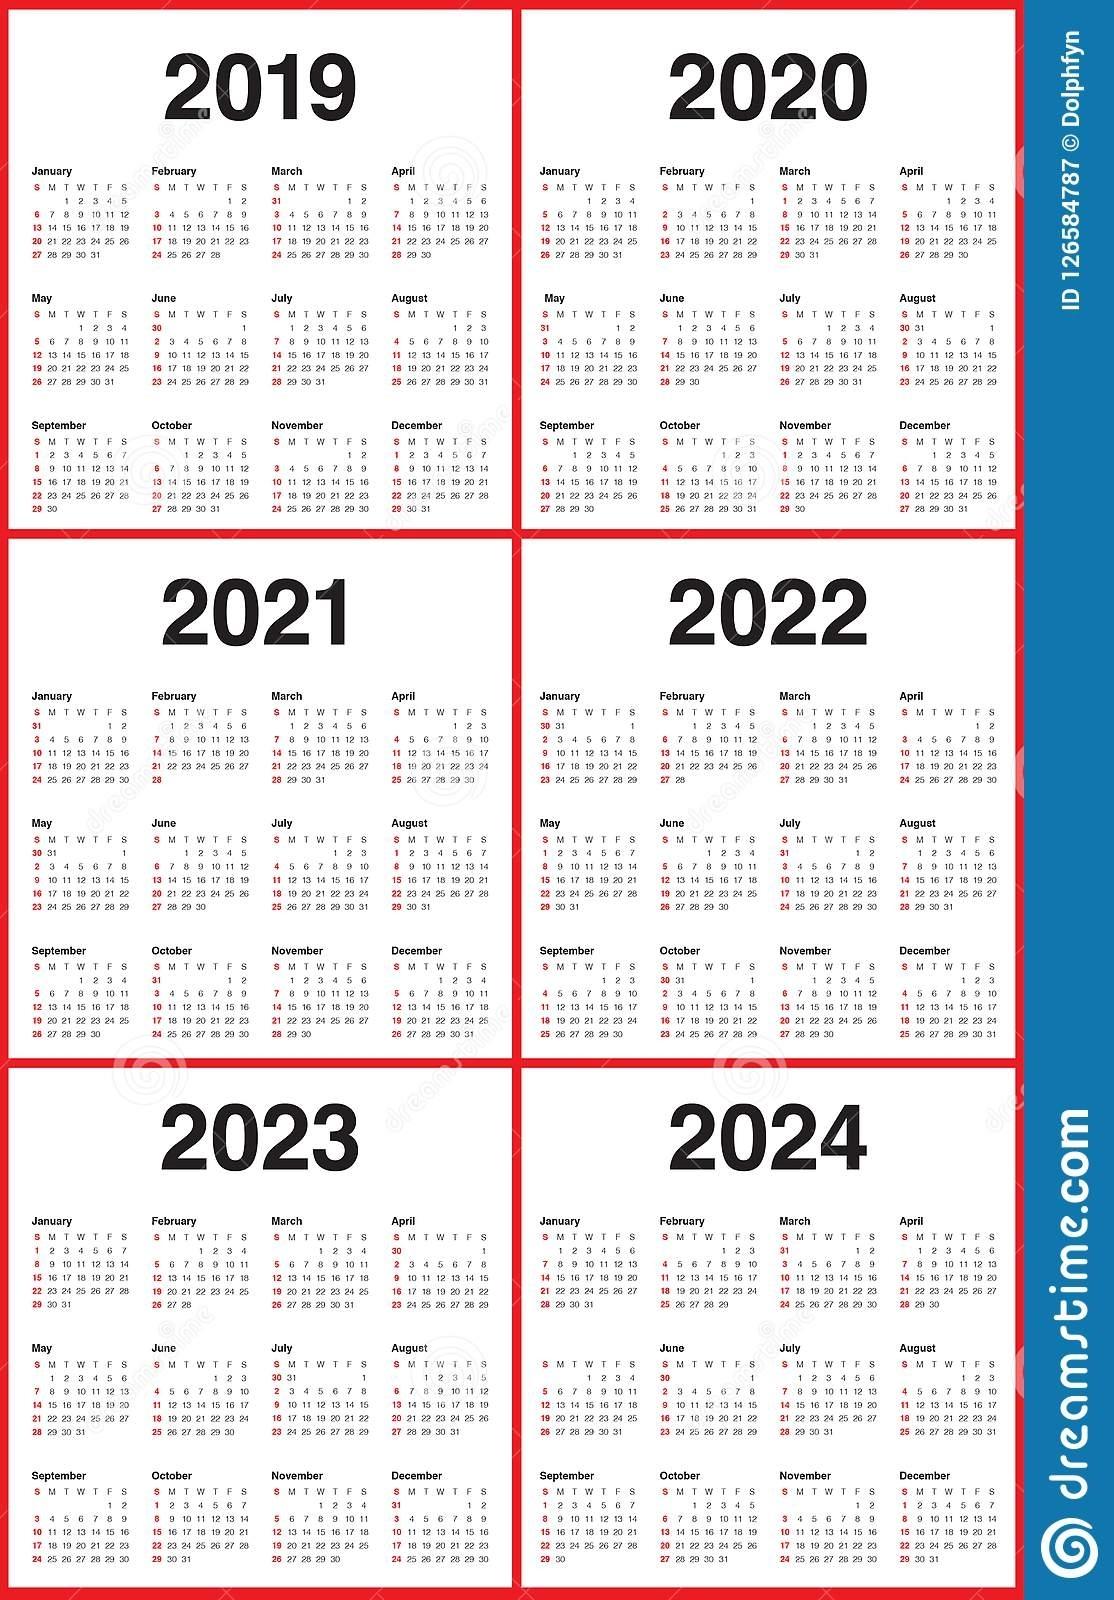 3 Year Calendar 2022 To 2024 | Ten Free Printable Calendar with Aiken County 2022 2023 School Calendar